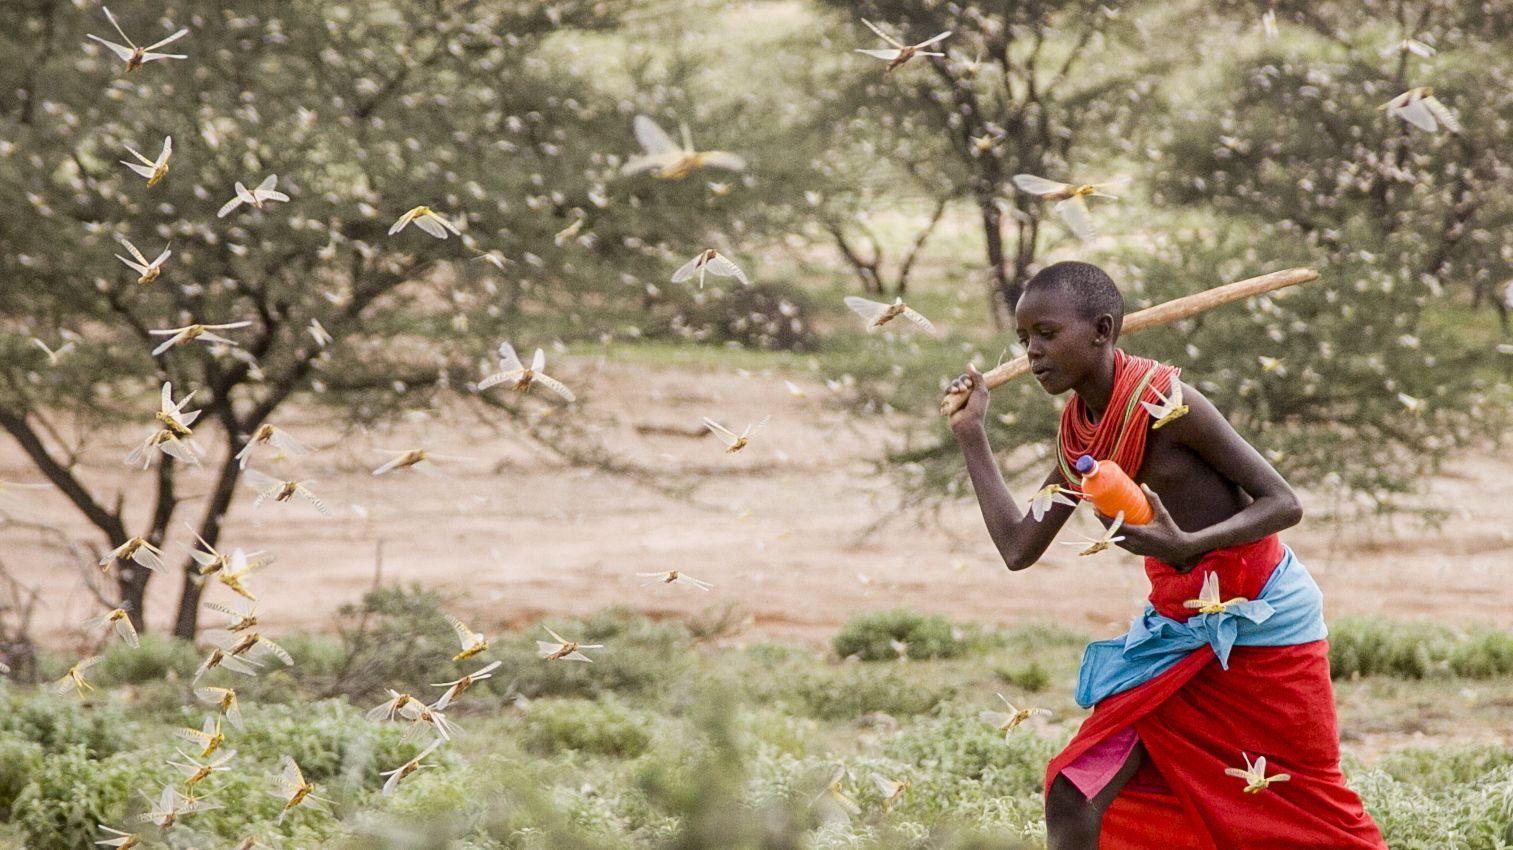 Kenia: Ein Junge versucht mit einem Stock Heuschrecken zu erschlagen, die überall in der Luft herum fliegen.